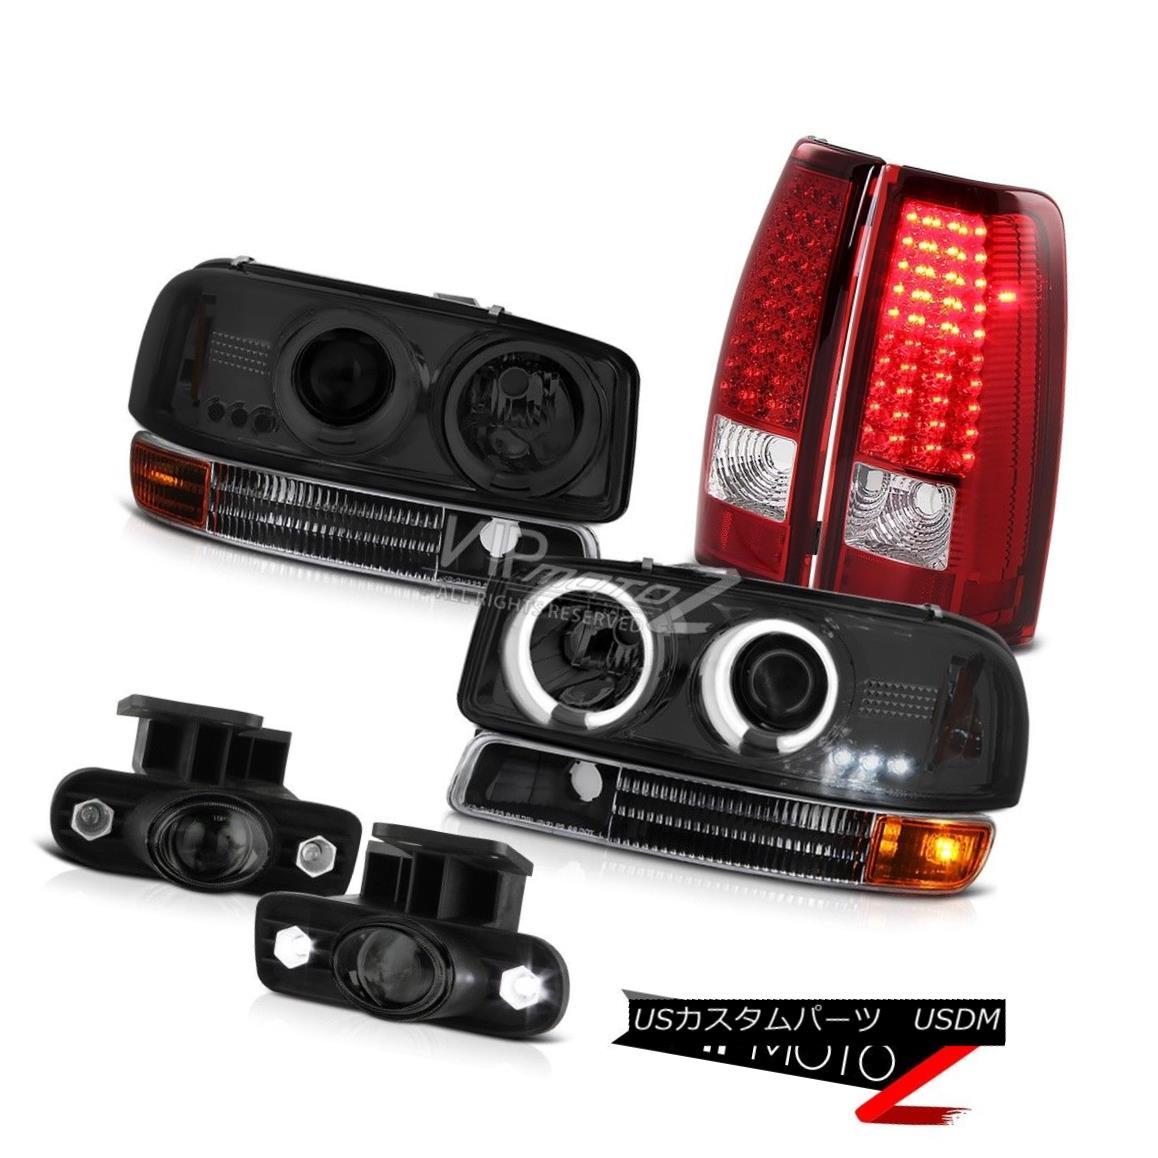 ヘッドライト 99-03 Sierra 5.3L V8 CCFL Angel Eye Headlight LED Brake Tail Light Projector Fog 99-03 Sierra 5.3L V8 CCFLエンジェルアイヘッドライトLEDブレーキテールライトプロジェクターフォグ